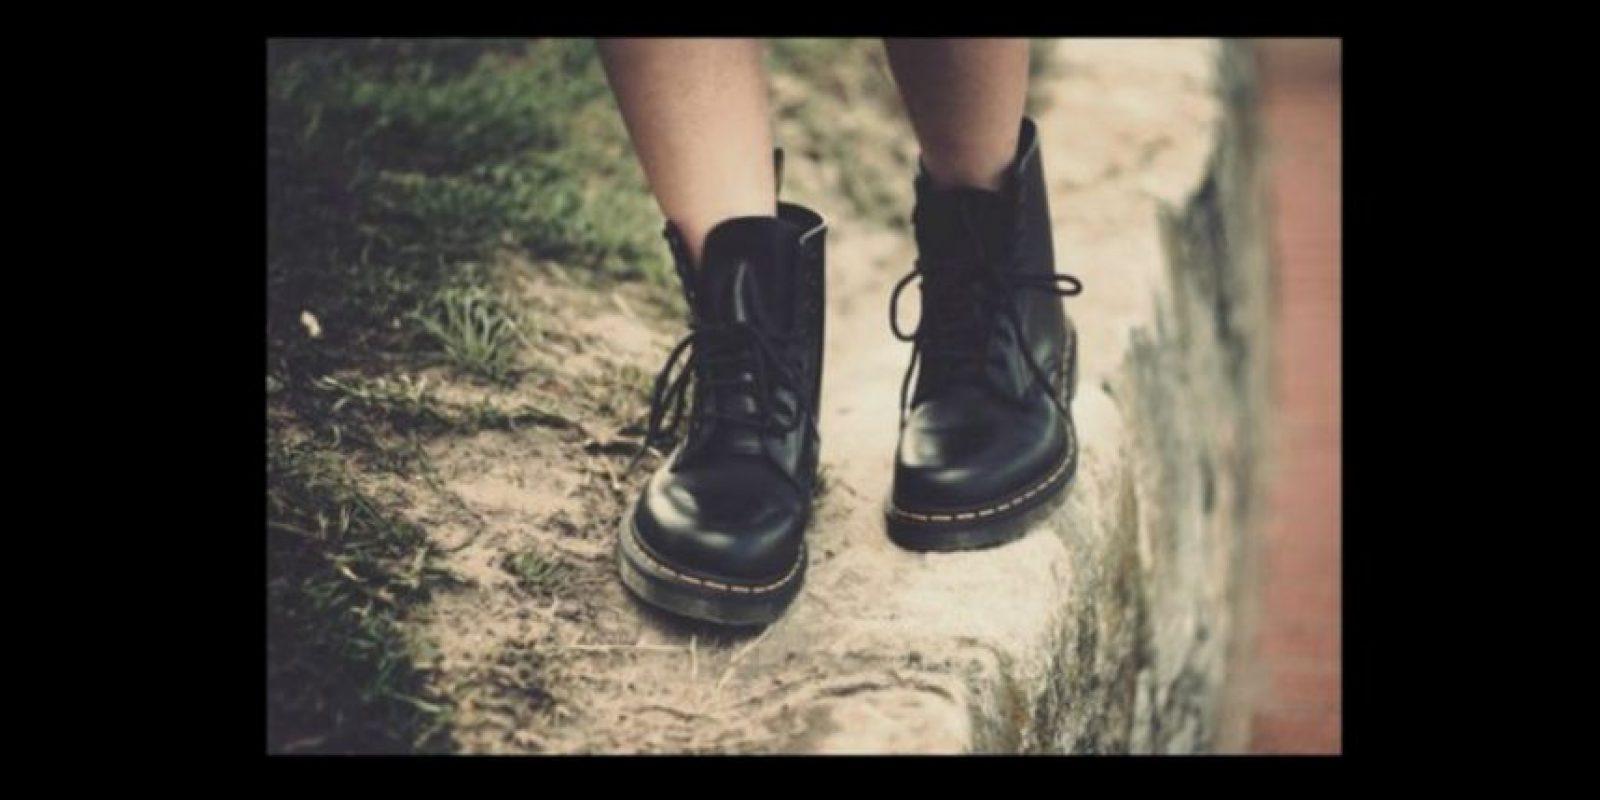 4- Salir a caminar. Caminar 10 km por semana mejora la memoria durante la vejez. Foto:Vía Tumblr.com